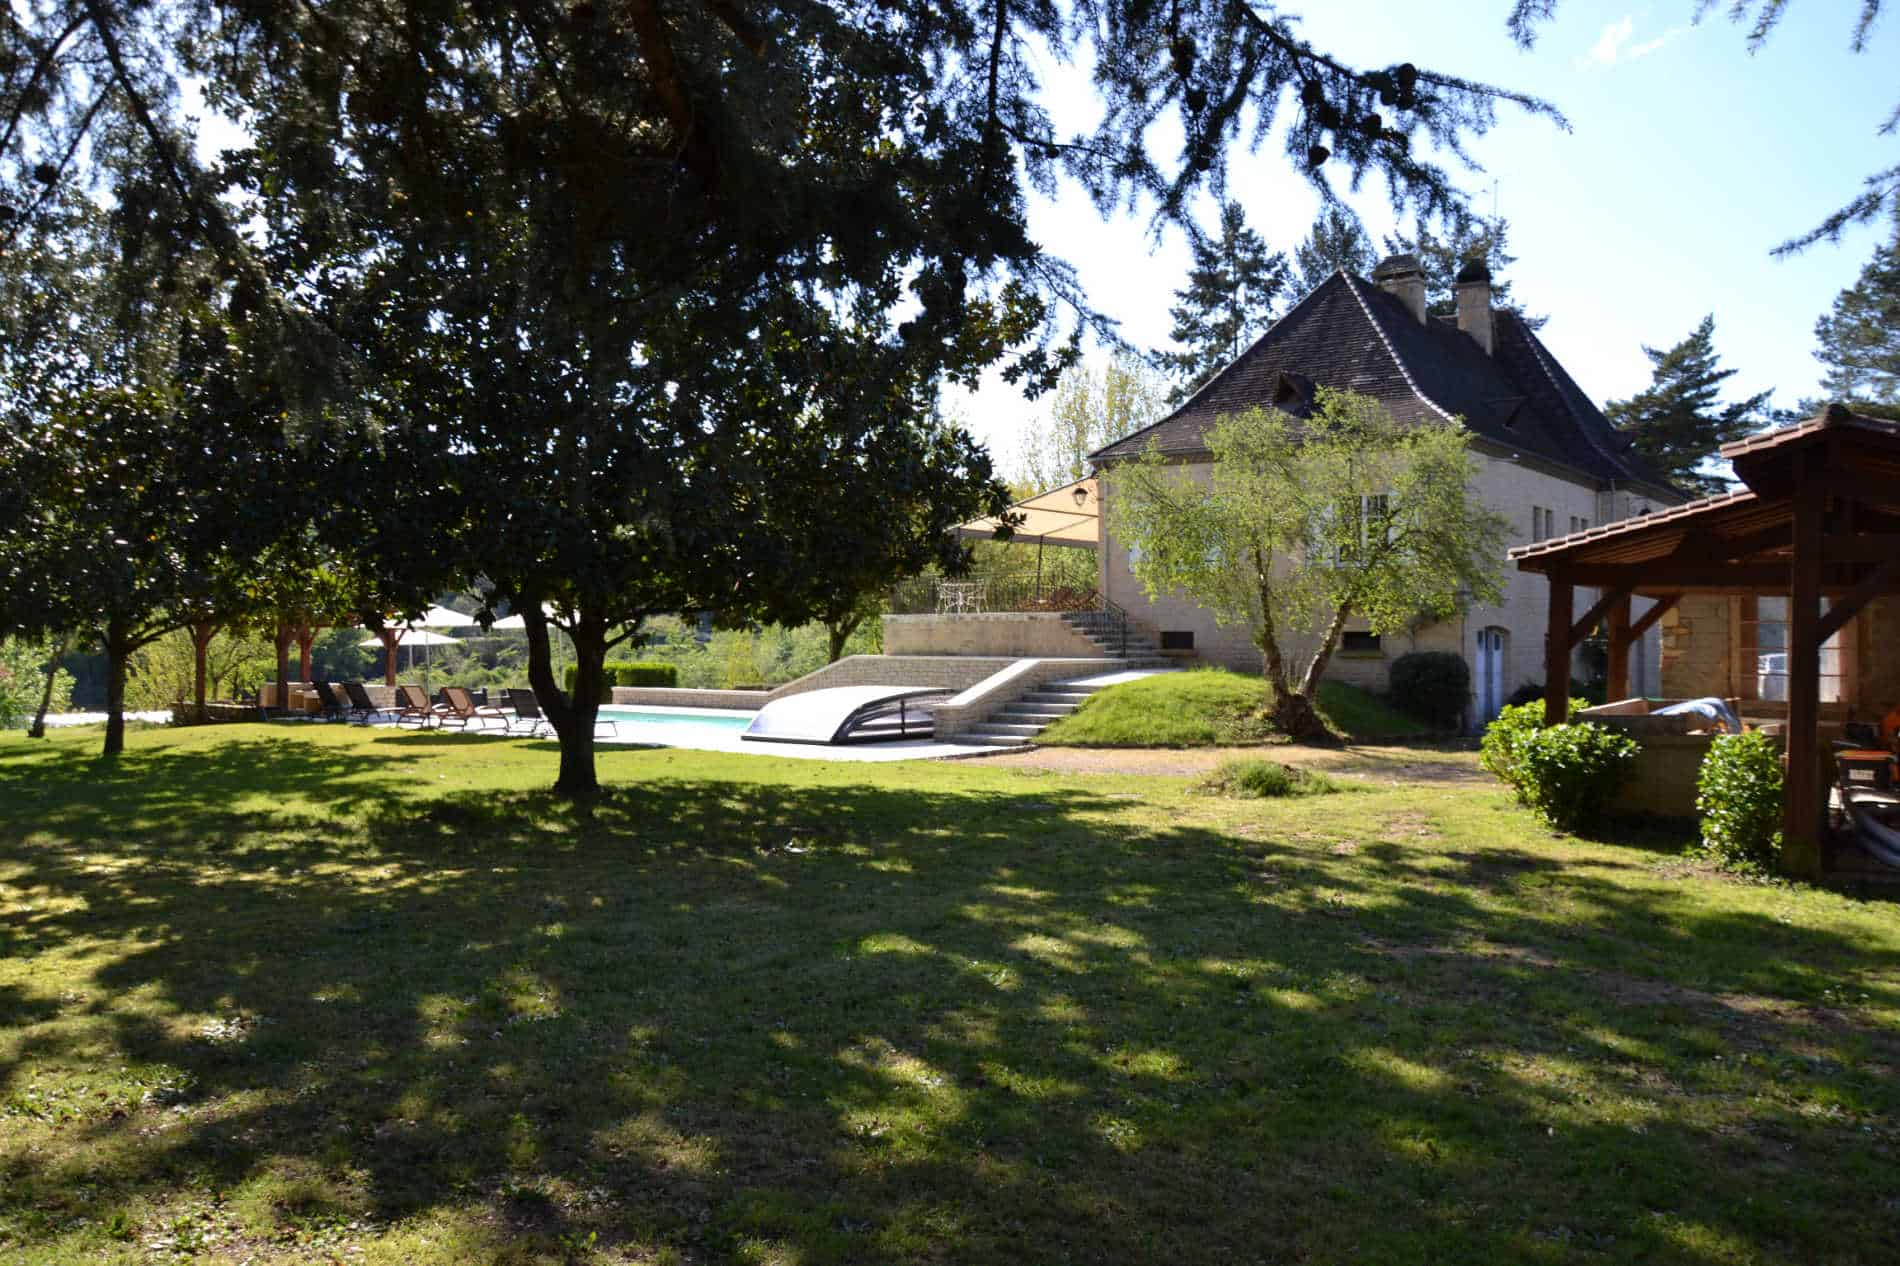 La noyeraie du port d'enveaux, chambres d'hôtes Dordogne avec piscine.